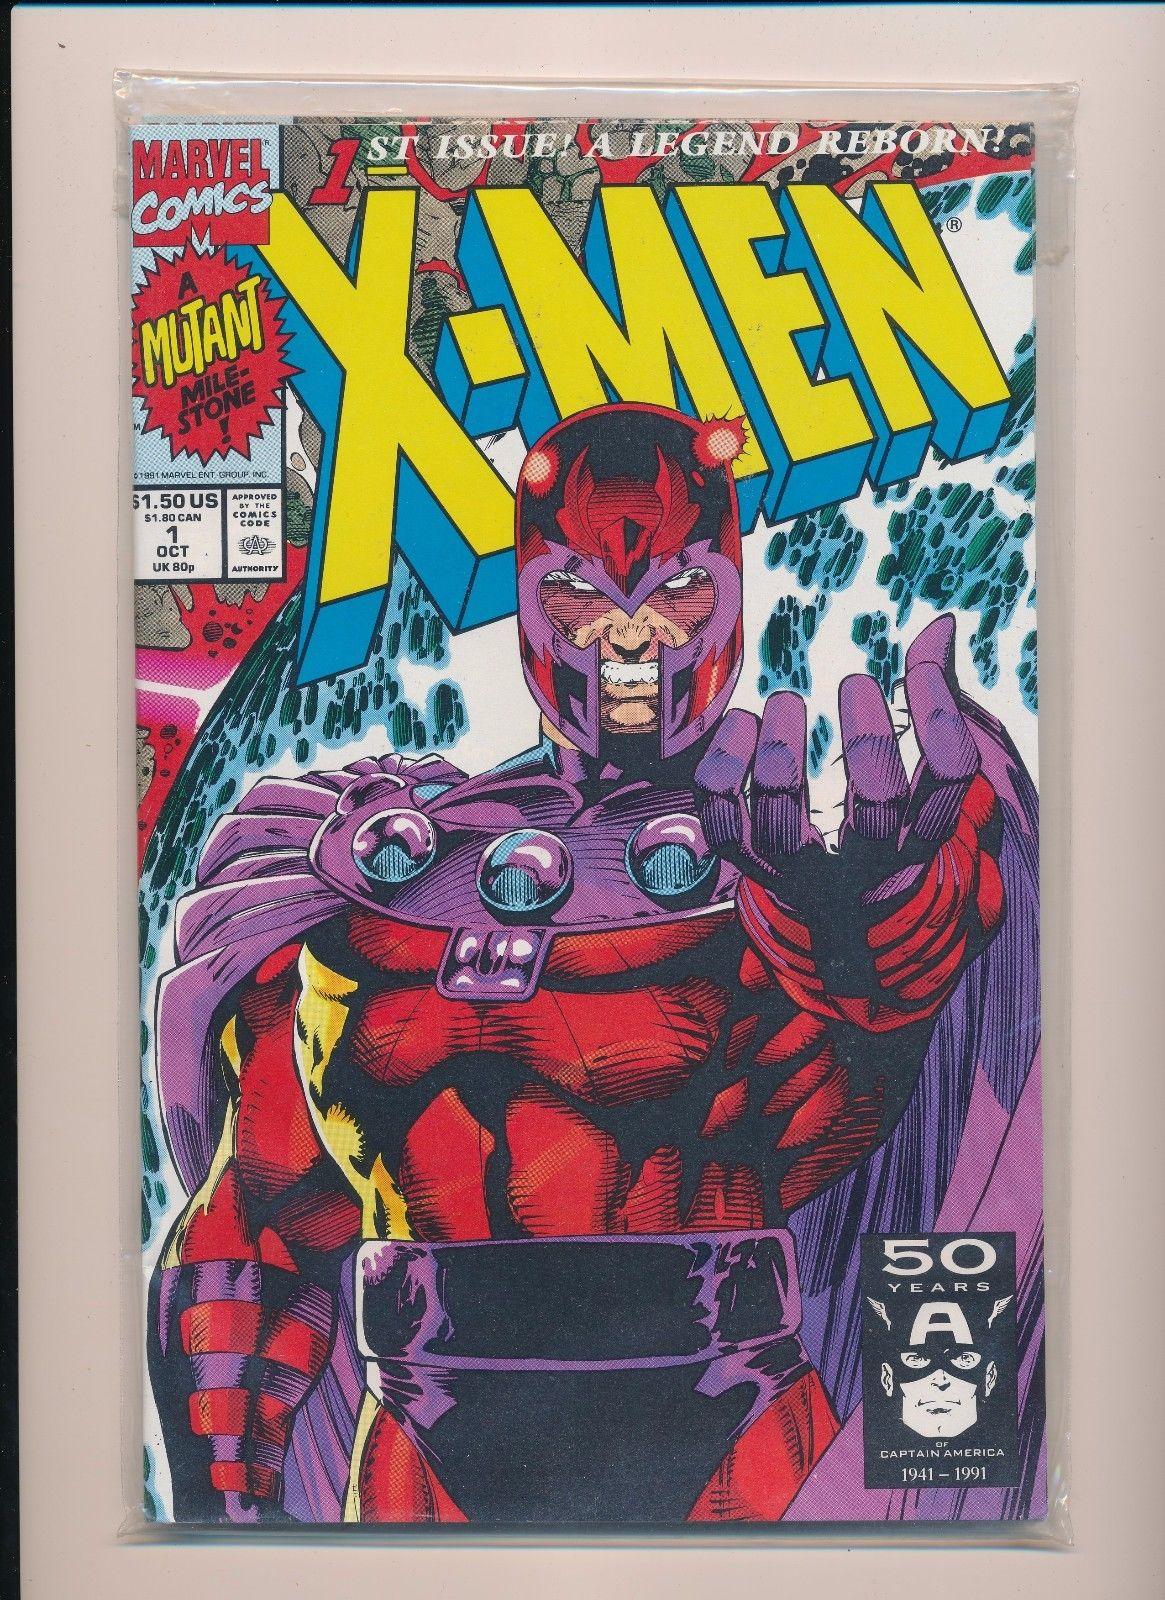 Marvel X Men 1st Issue A Legend Reborn Variant 1 Near Mint Sru454 Hipcomic